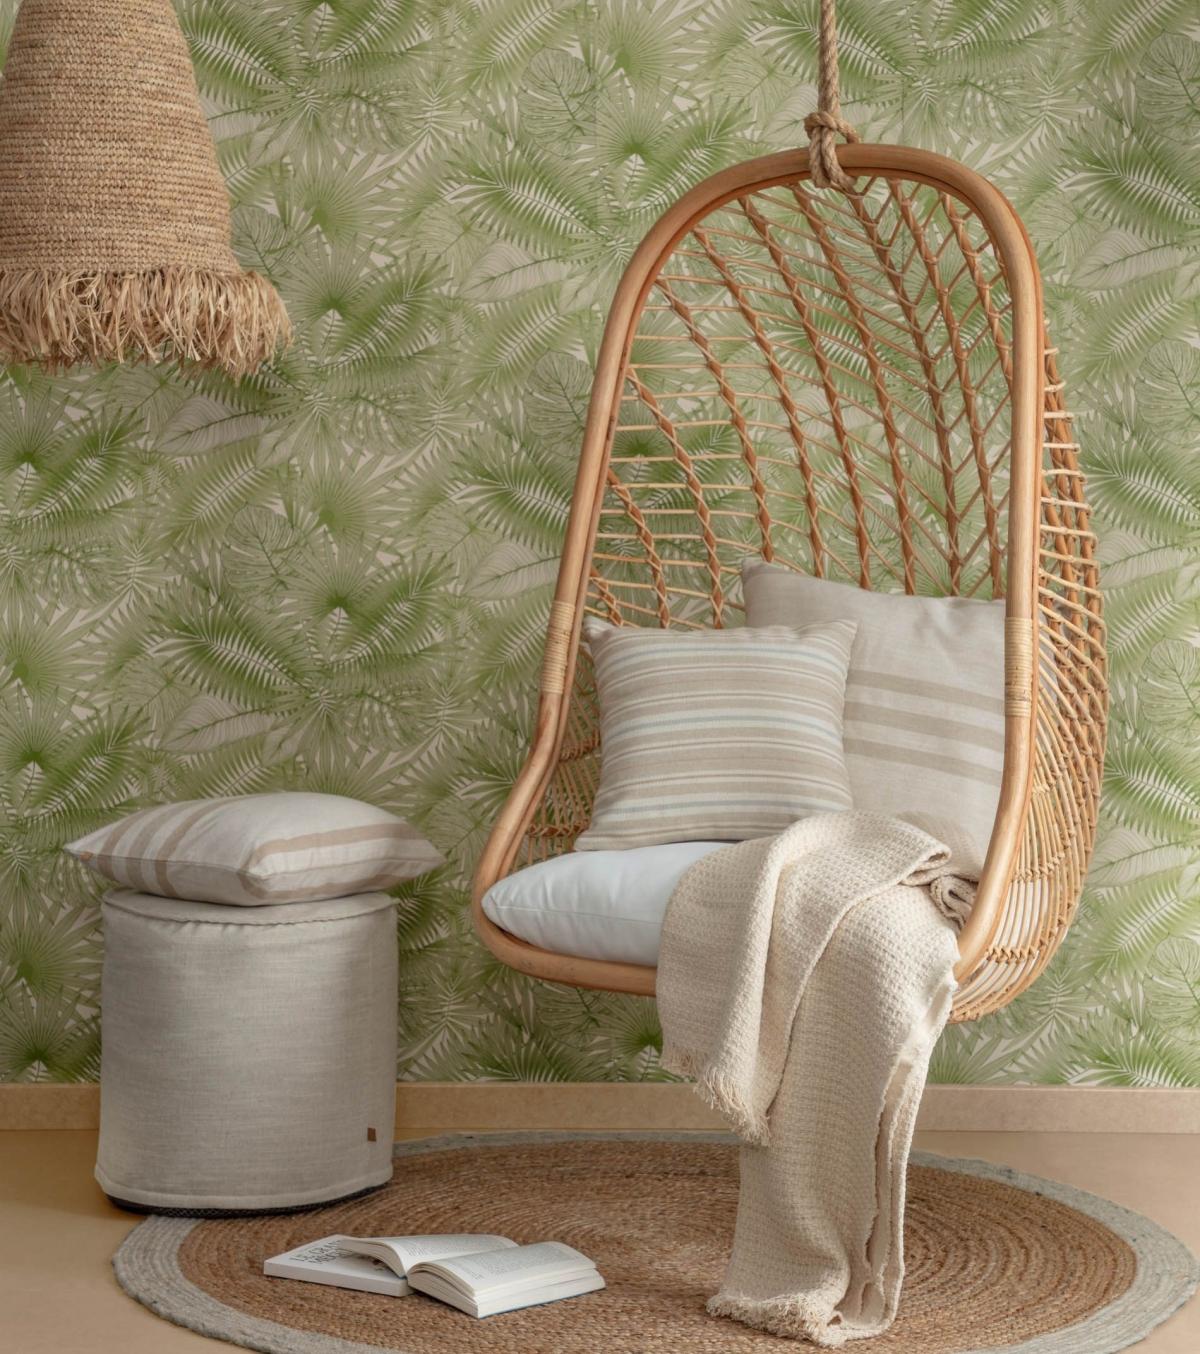 Для настоящего отдыха: уютная комната в кантри-исполнении